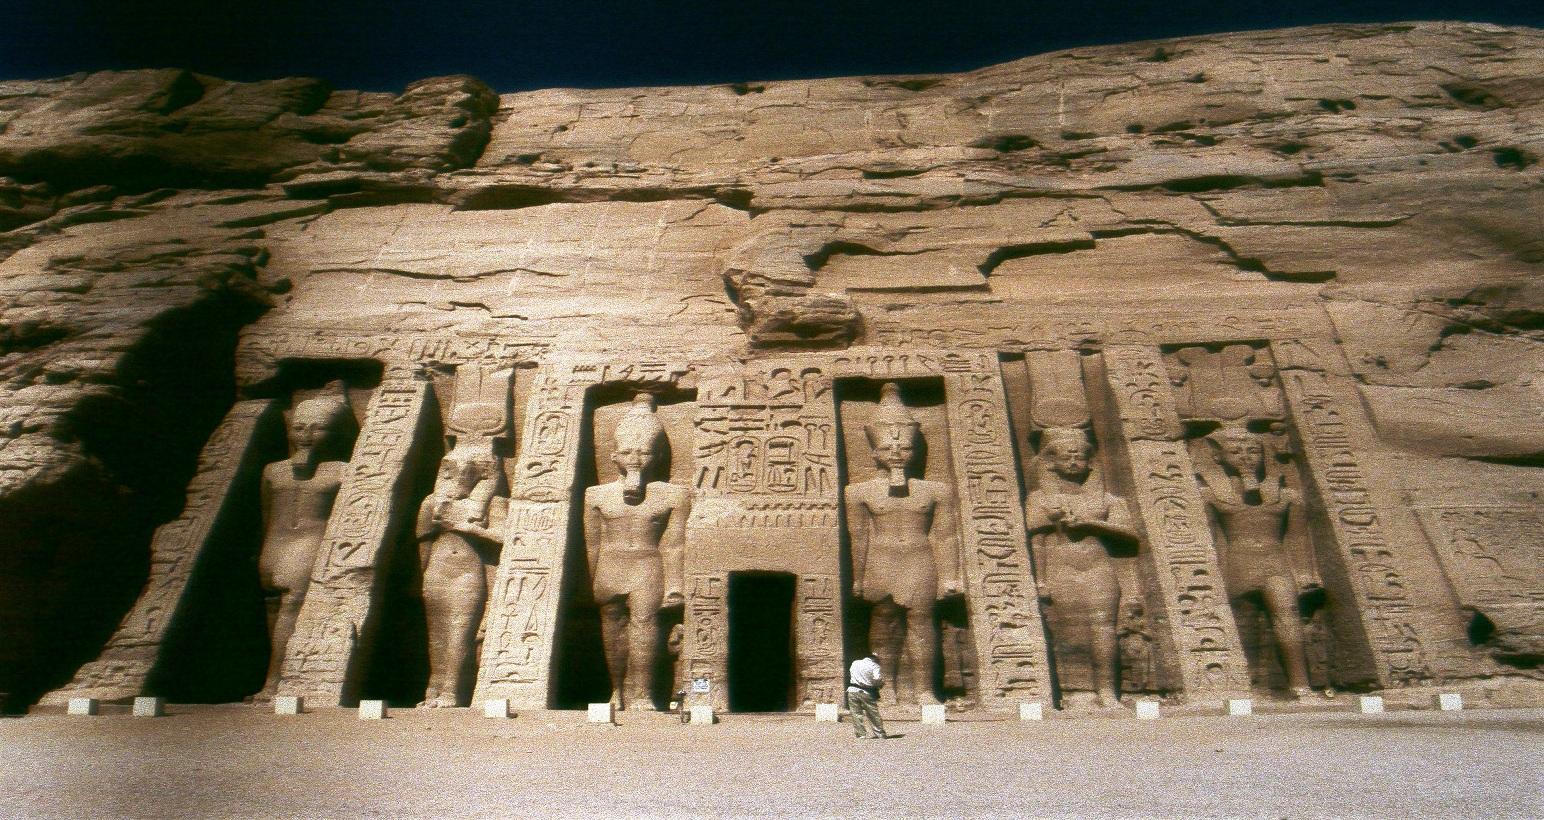 Abu Simbel'de Champollion'un da aralarında bulunduğu akademisyenler ilginç birşey keşfetmişler. Yılda iki kere, gündönümünde, güneş, beş dakika ,Ptah'ın heykeli hariç tüm tapınağı aydınlatıyormuş. Ptah, daha önce bahsettiğimiz gibi karanlığın tanrısı. Fotoğraf, Gülüm Ilgaz